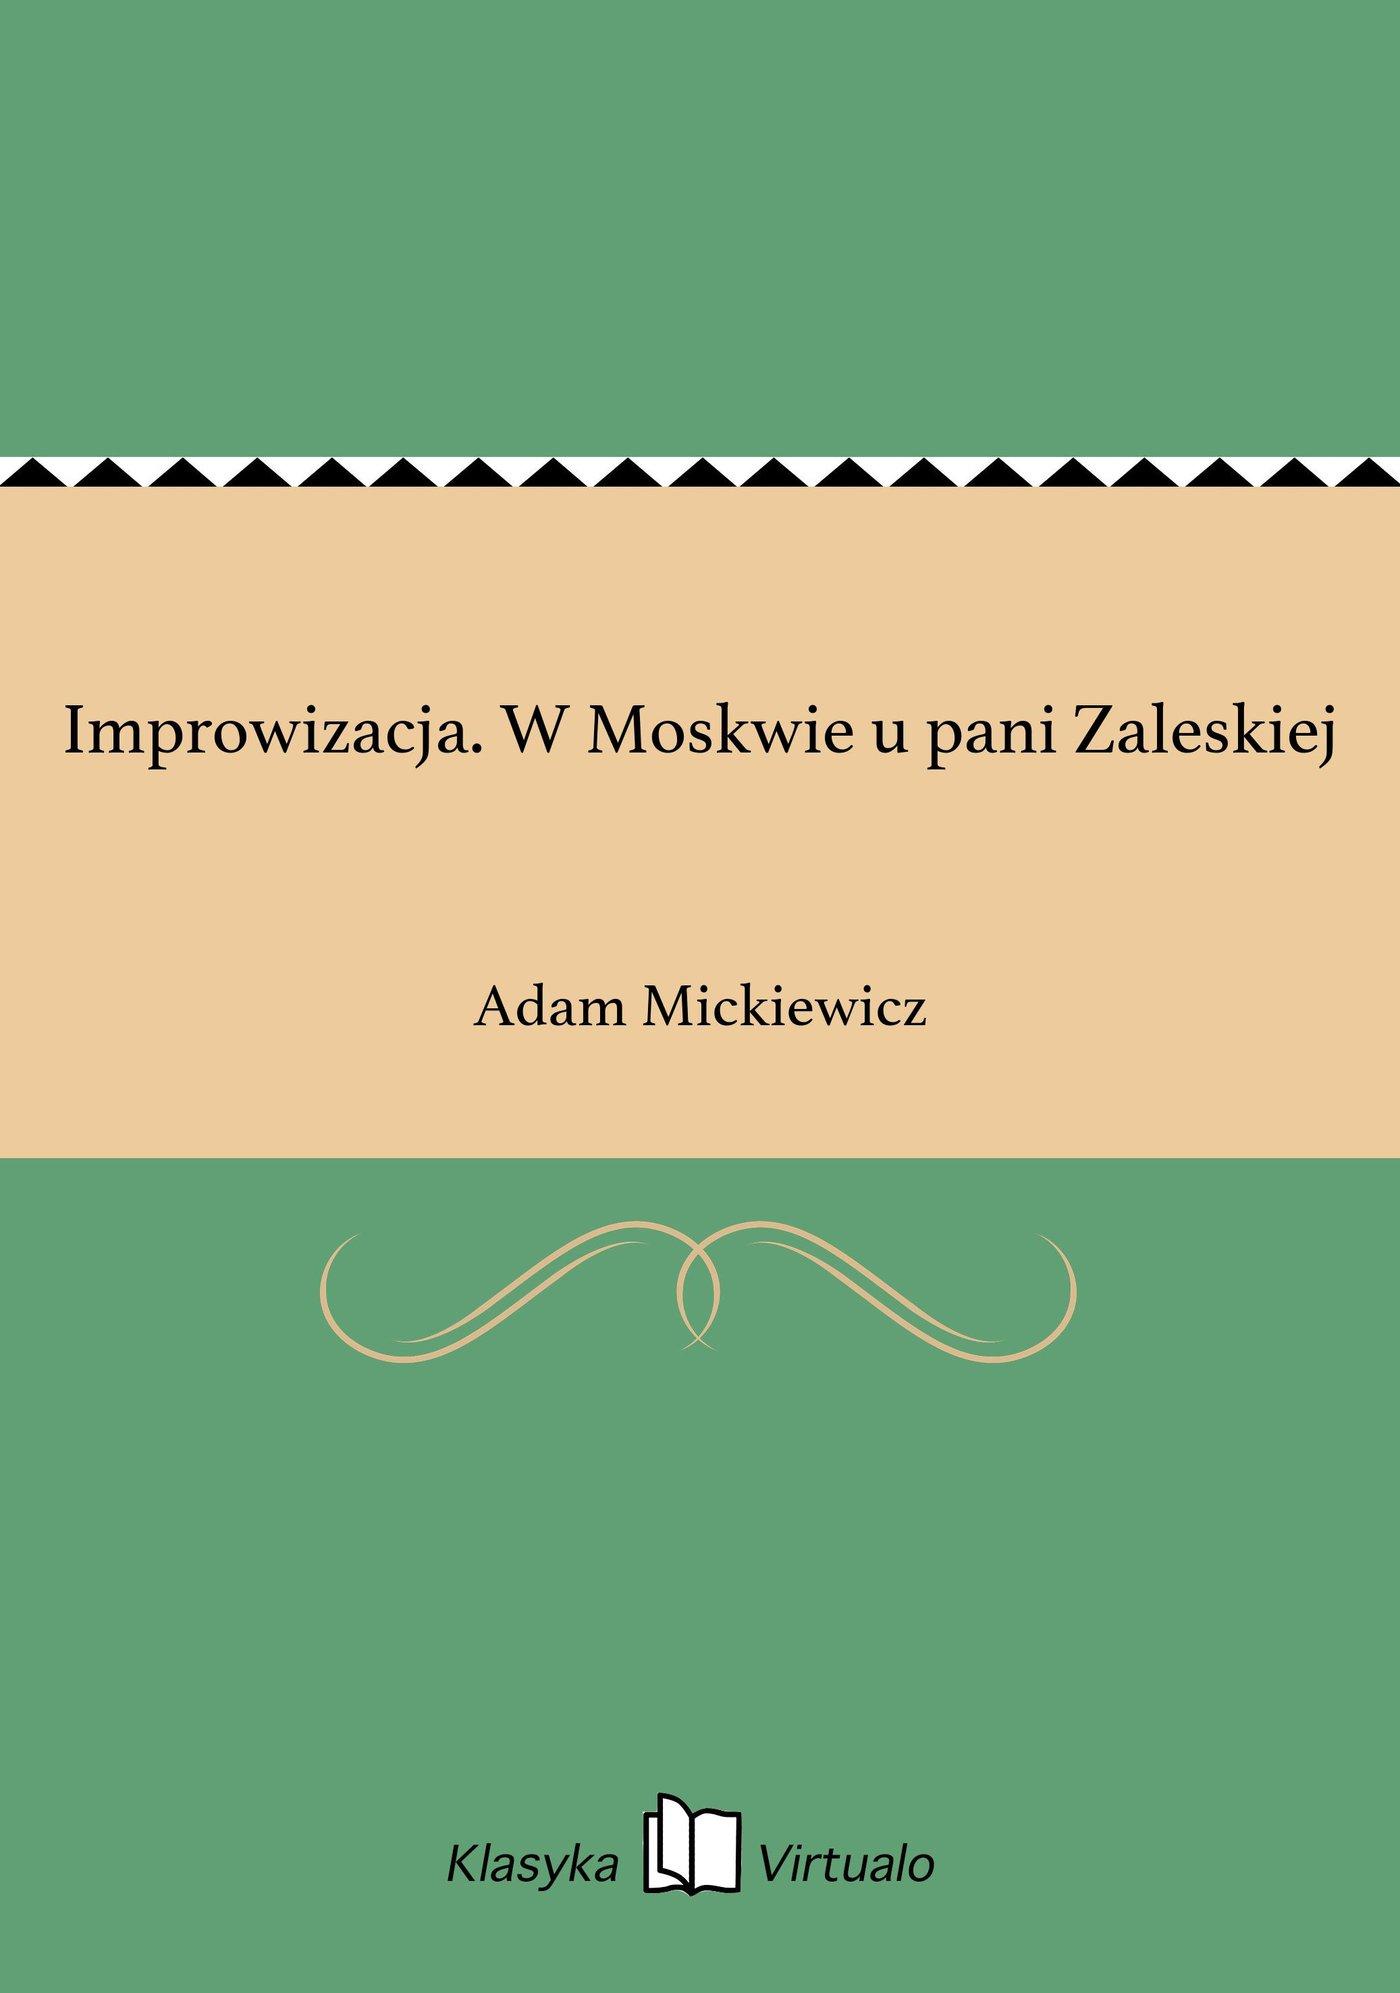 Improwizacja. W Moskwie u pani Zaleskiej - Ebook (Książka EPUB) do pobrania w formacie EPUB